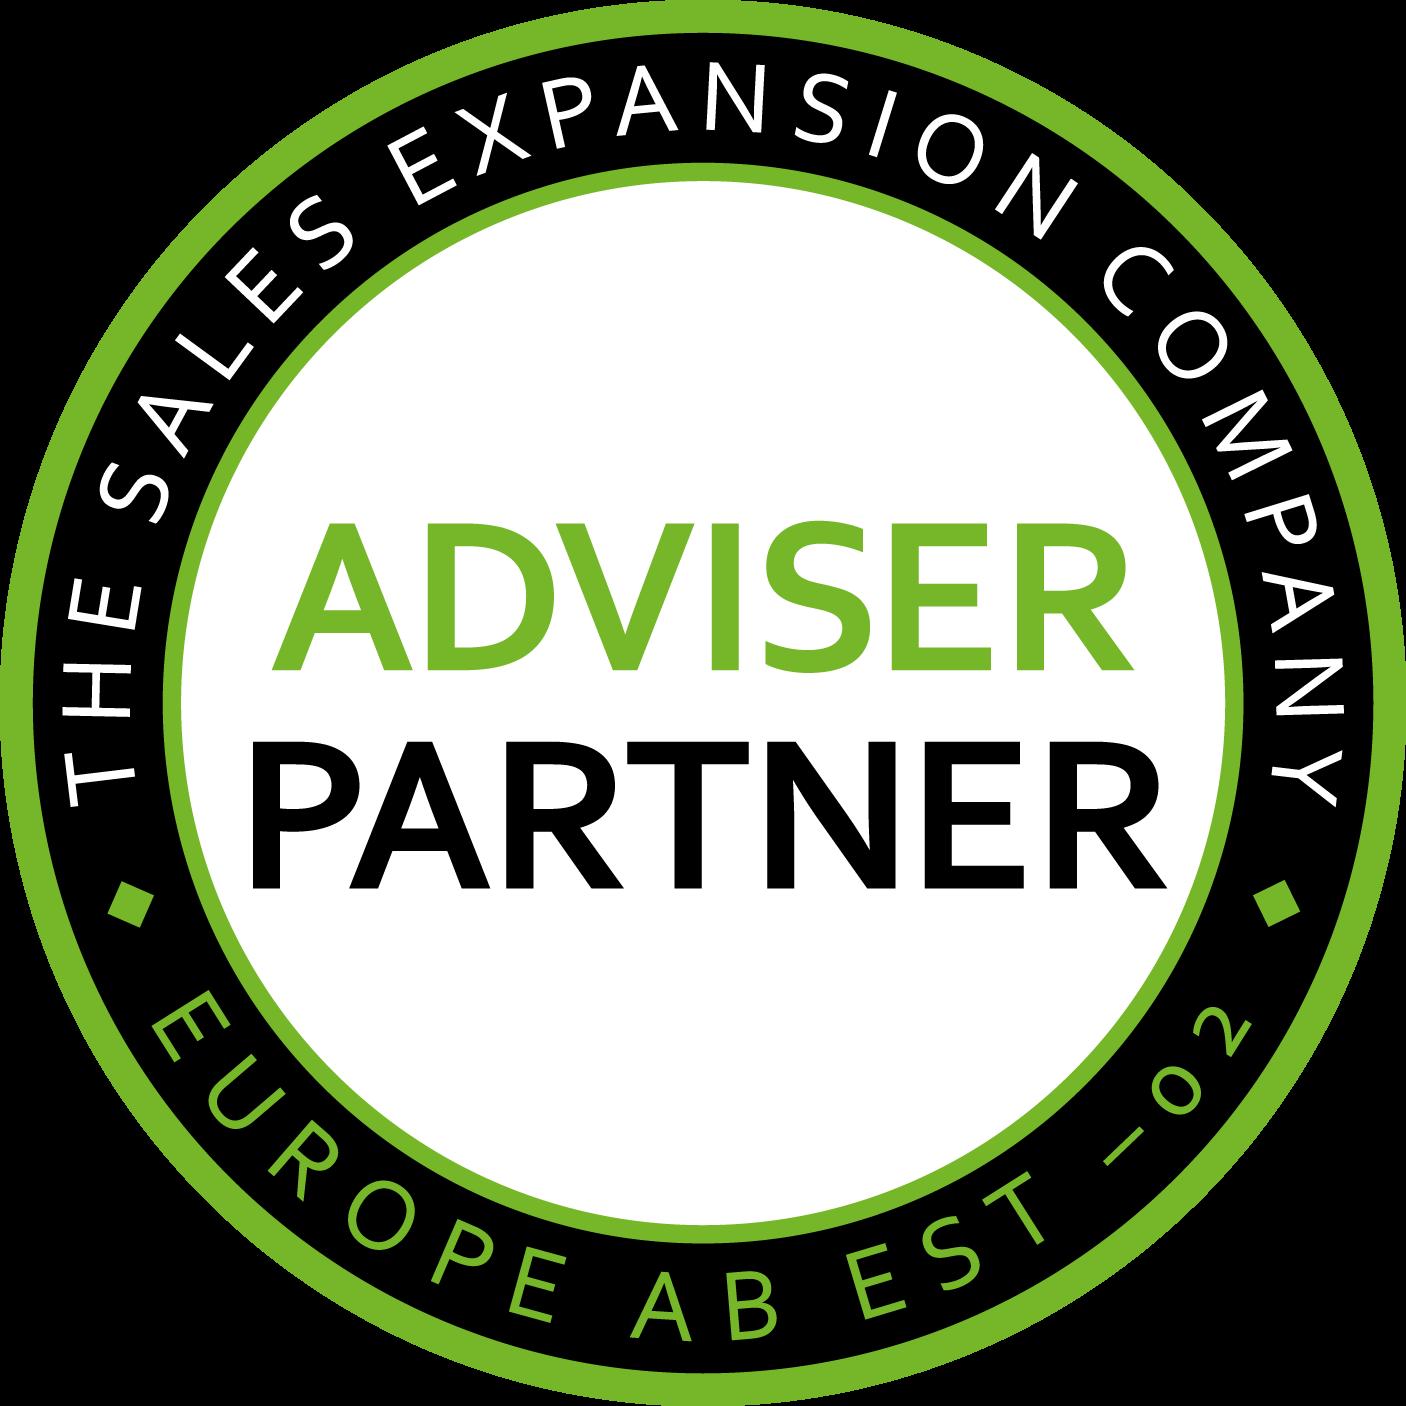 Adviser Partner